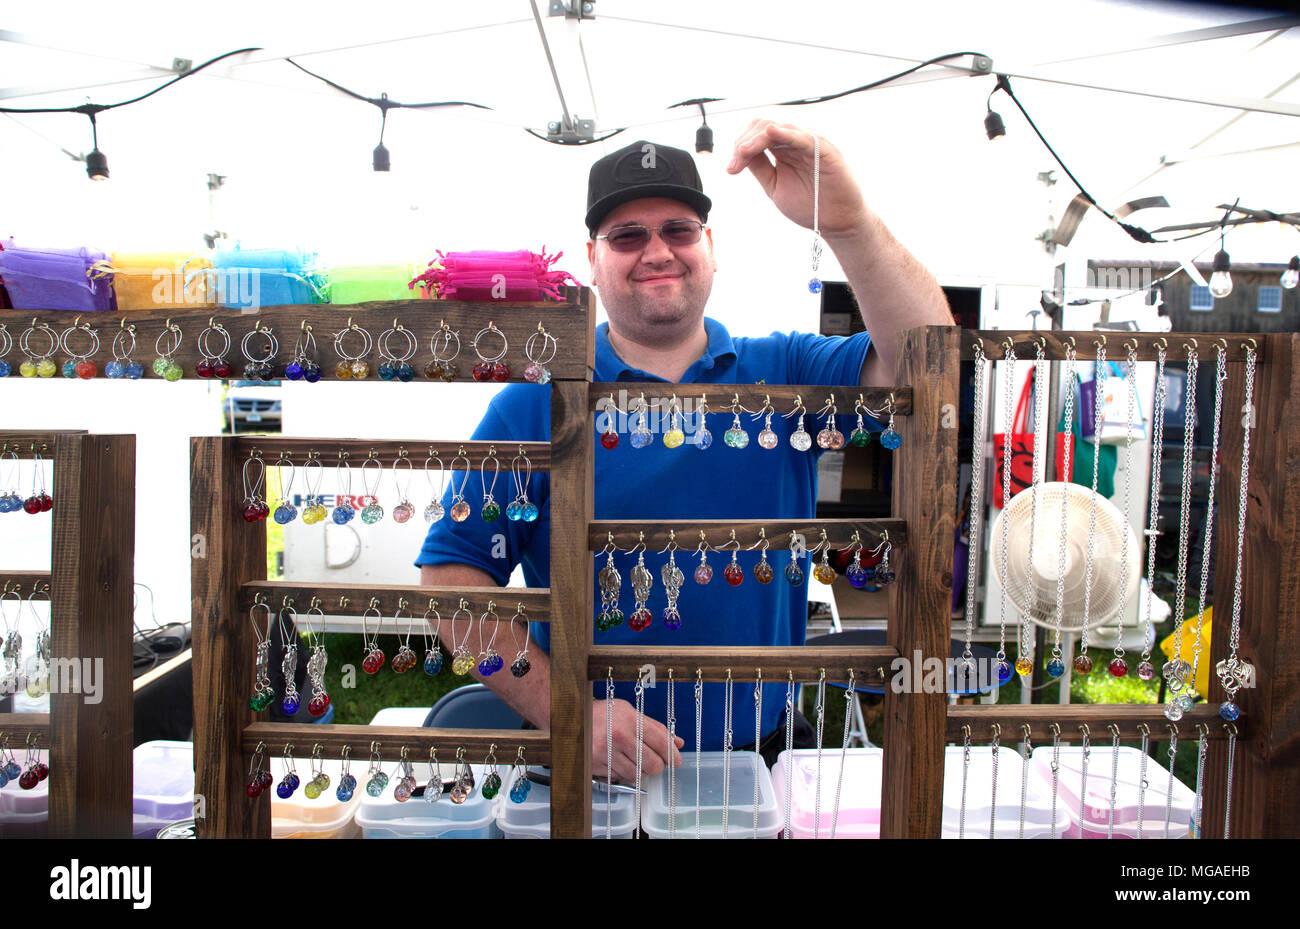 Fier propriétaire de petite entreprise affichant son des bijoux lors d'une exposition d'art local Banque D'Images